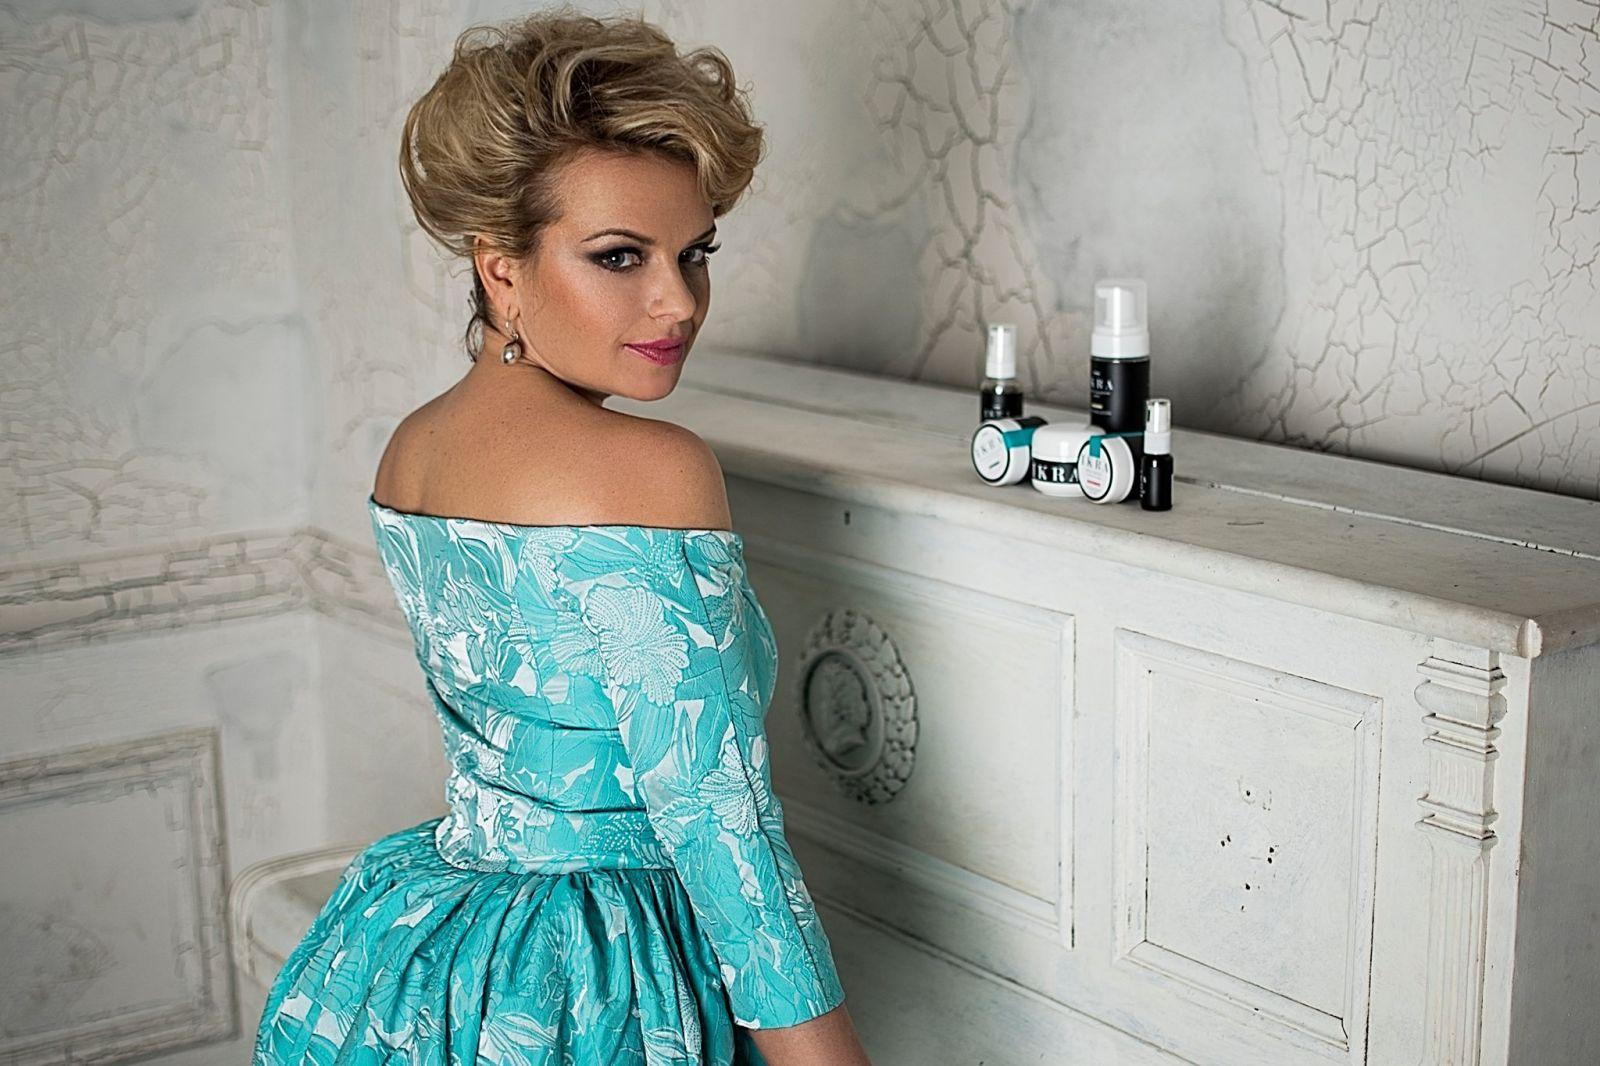 Знай наших: актриса Ирма Витовская стала лицом украинской косметики премиум класса IKRA